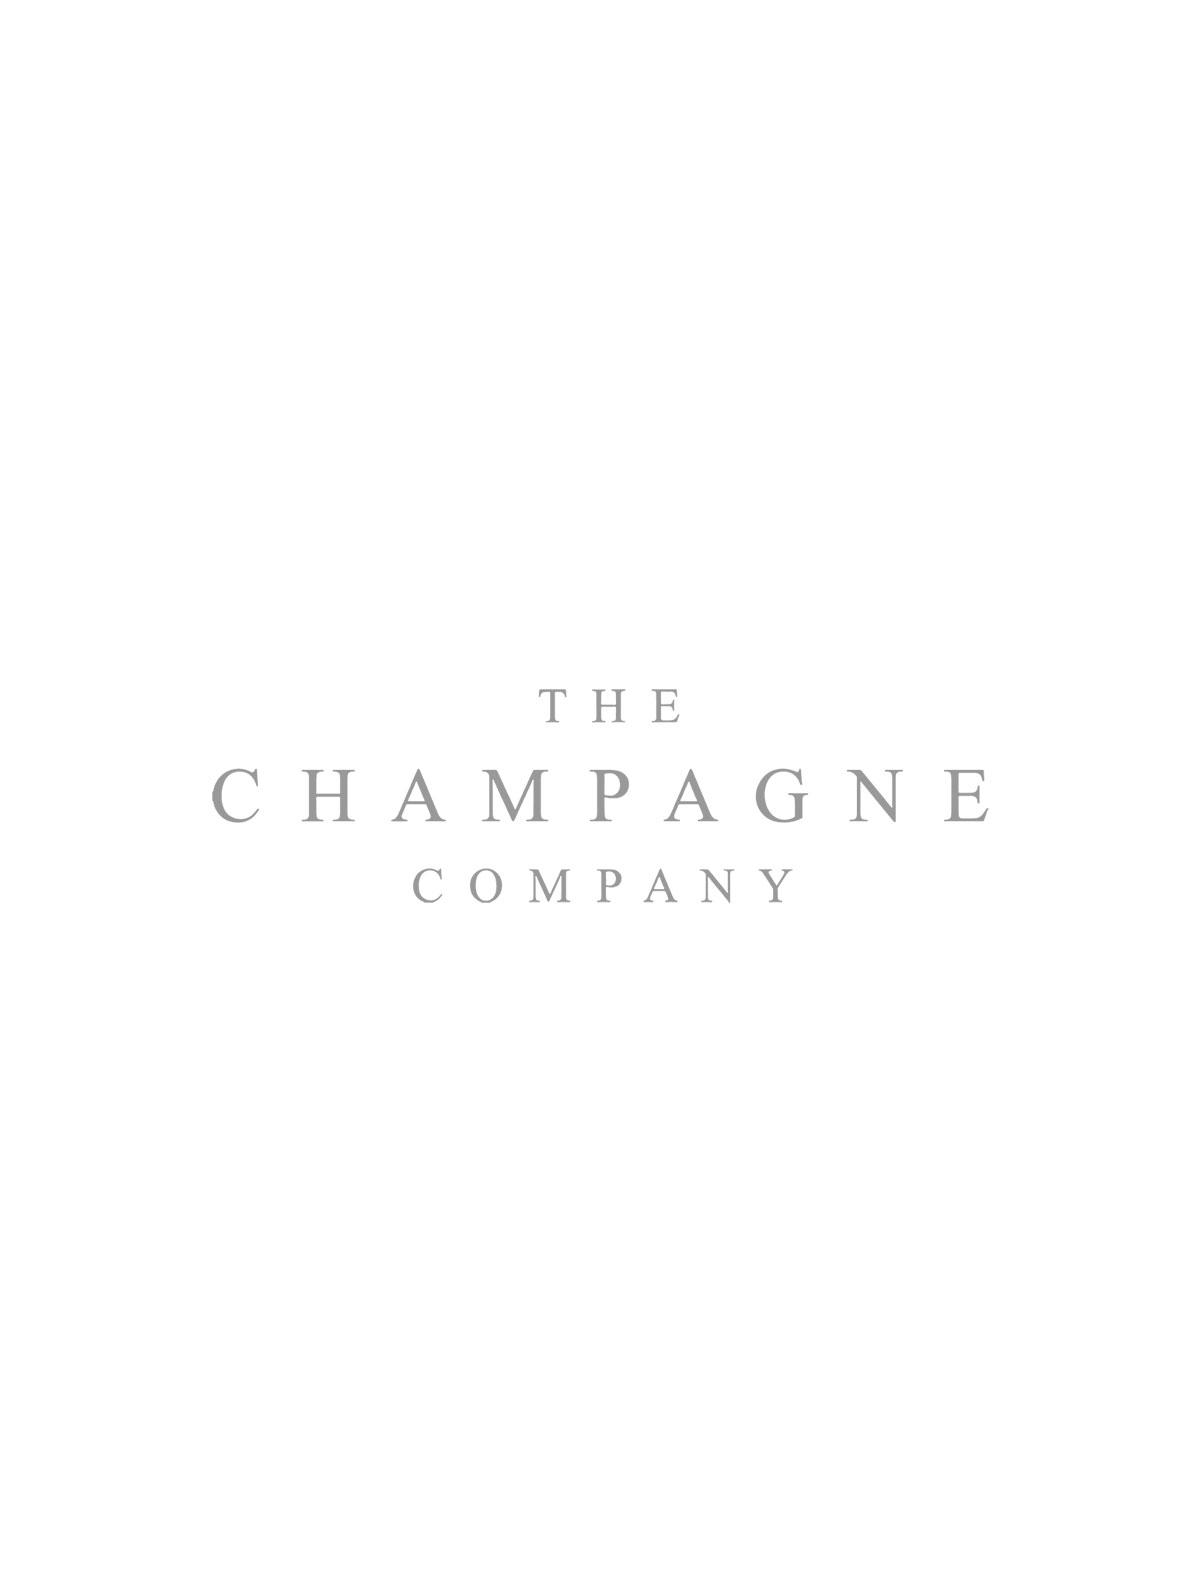 Bodegas Hidalgo Palo Cortado Wellington (VOS) Sherry 50cl